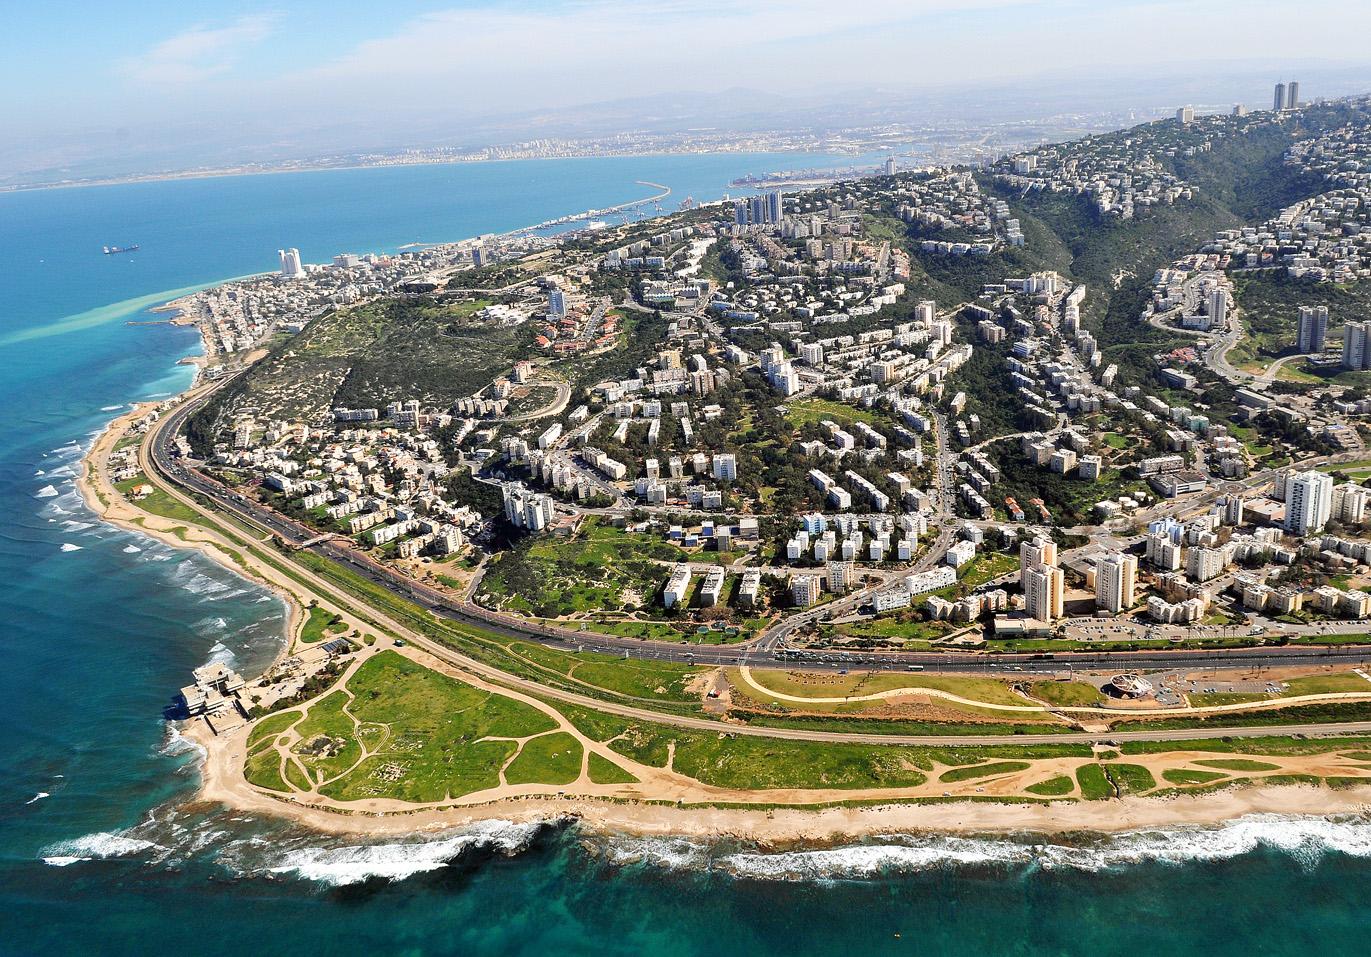 Western_Haifa_from_the_air